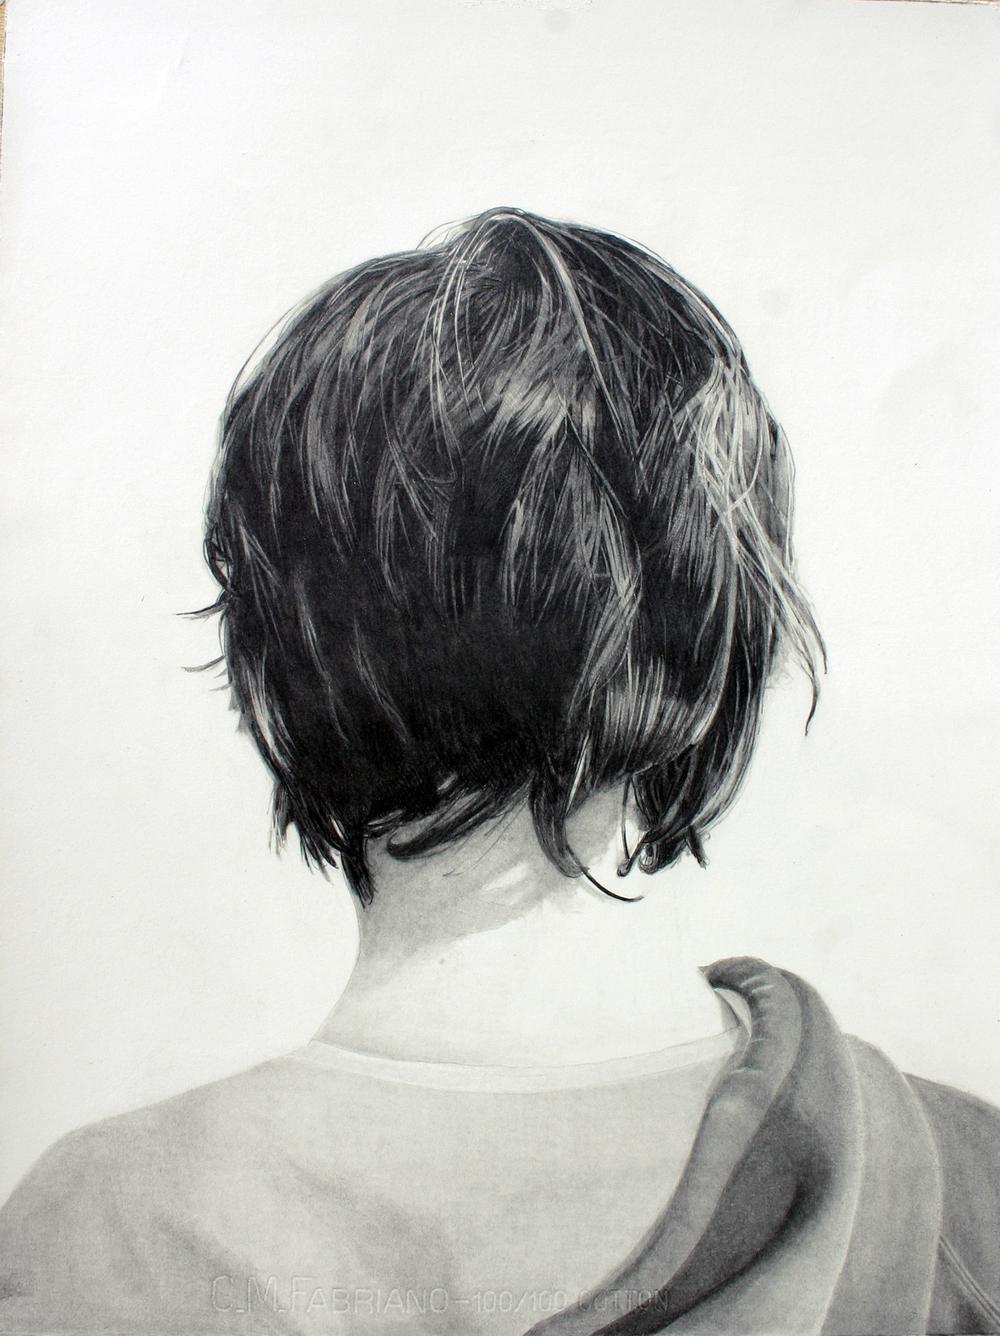 Leon 2010 graphite on paper 76.0 x 52.0 cm